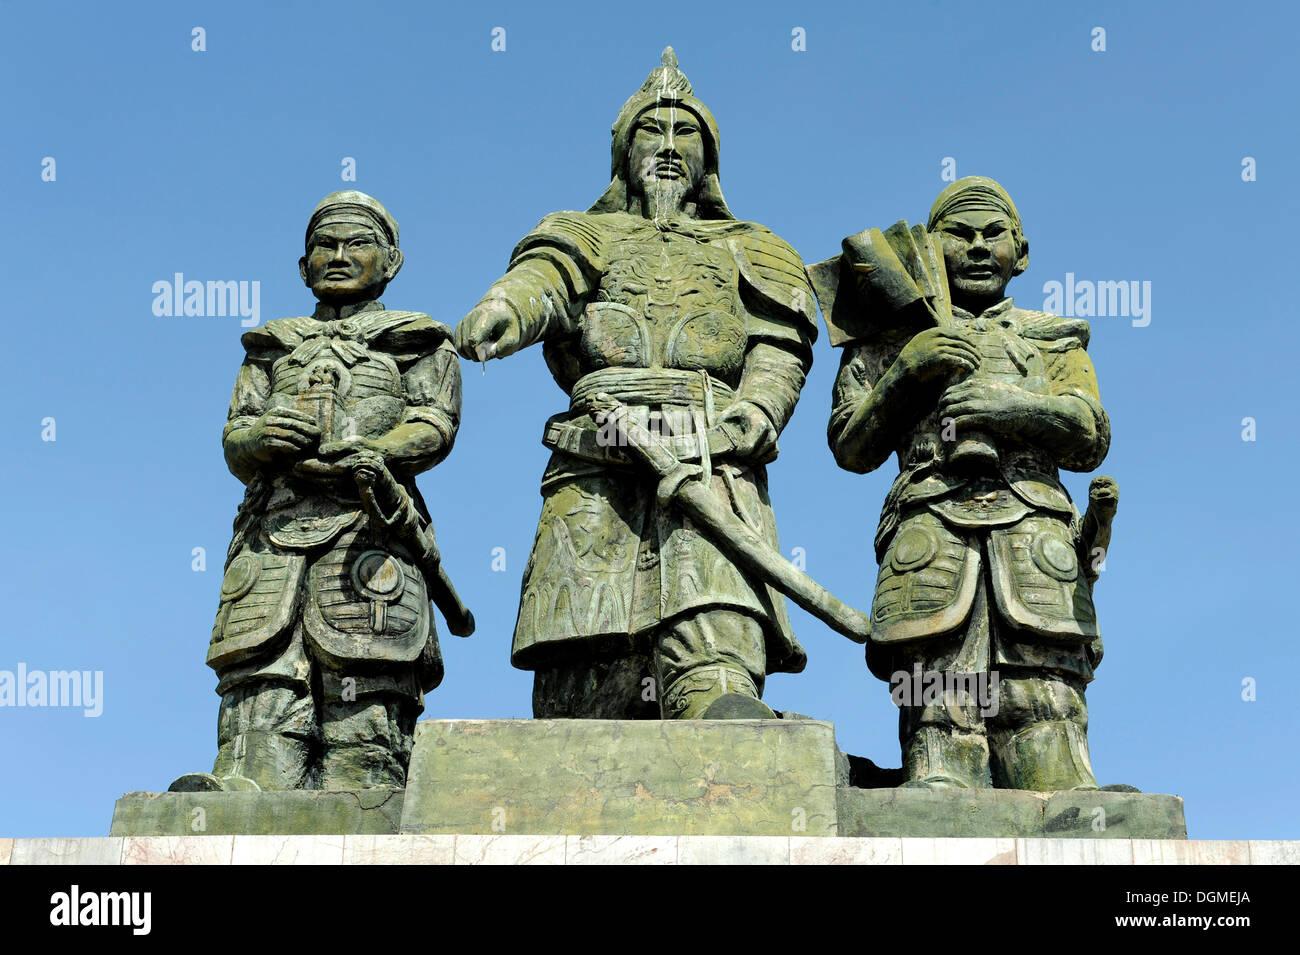 Statue del generale Tran Hung Dao, ancora Kieu e Da Tuong, Phan Thiet, Vietnam del sud, sud-est asiatico Immagini Stock